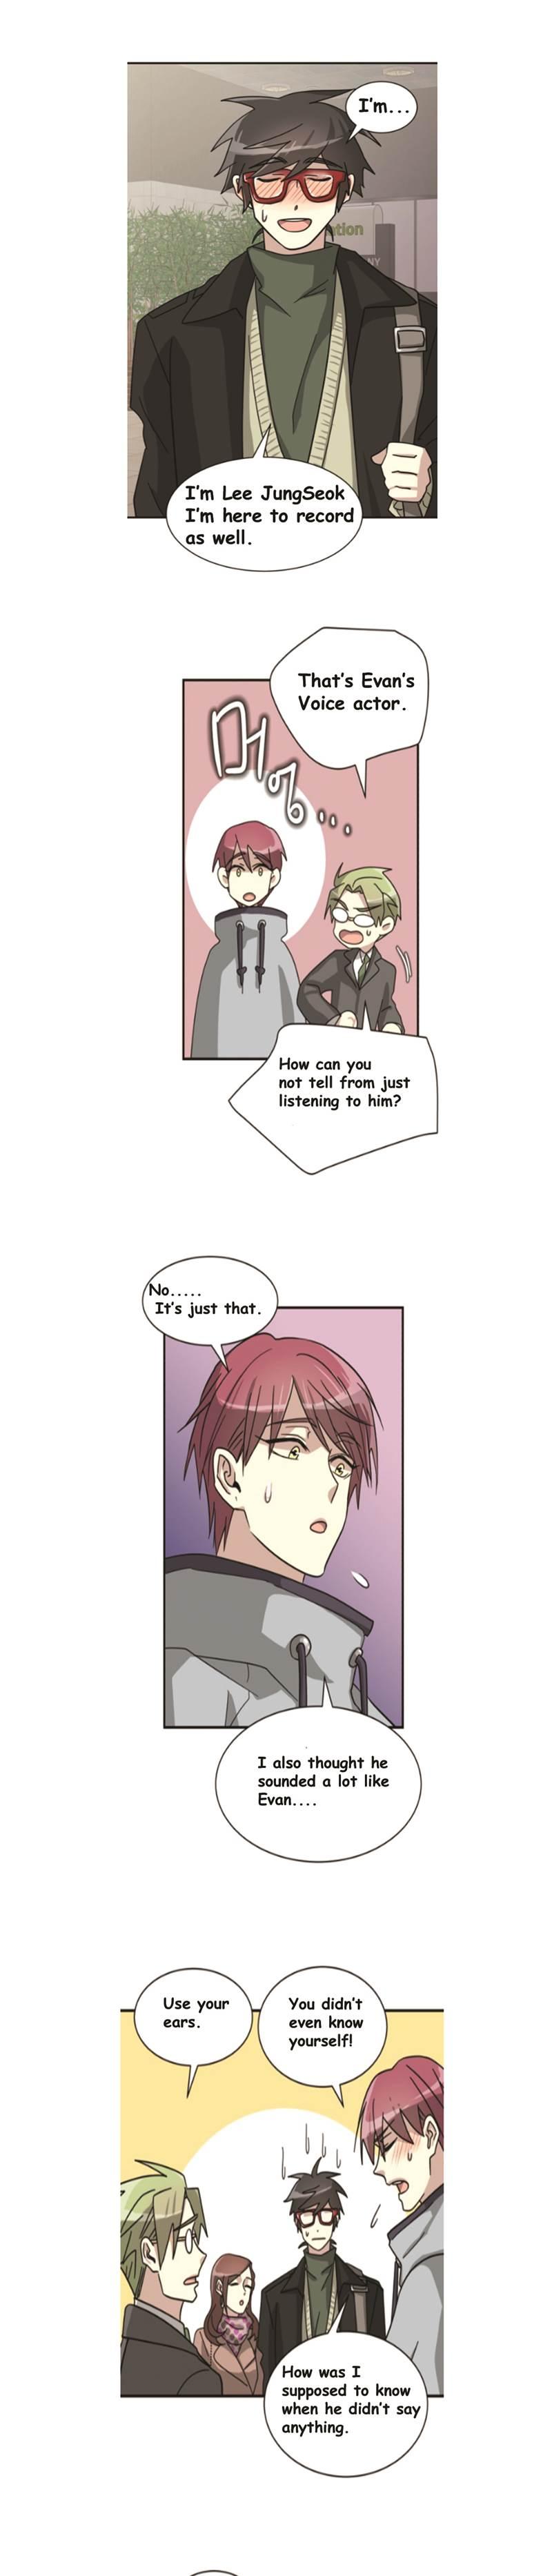 The Next Door Neighbor - Chapter 9